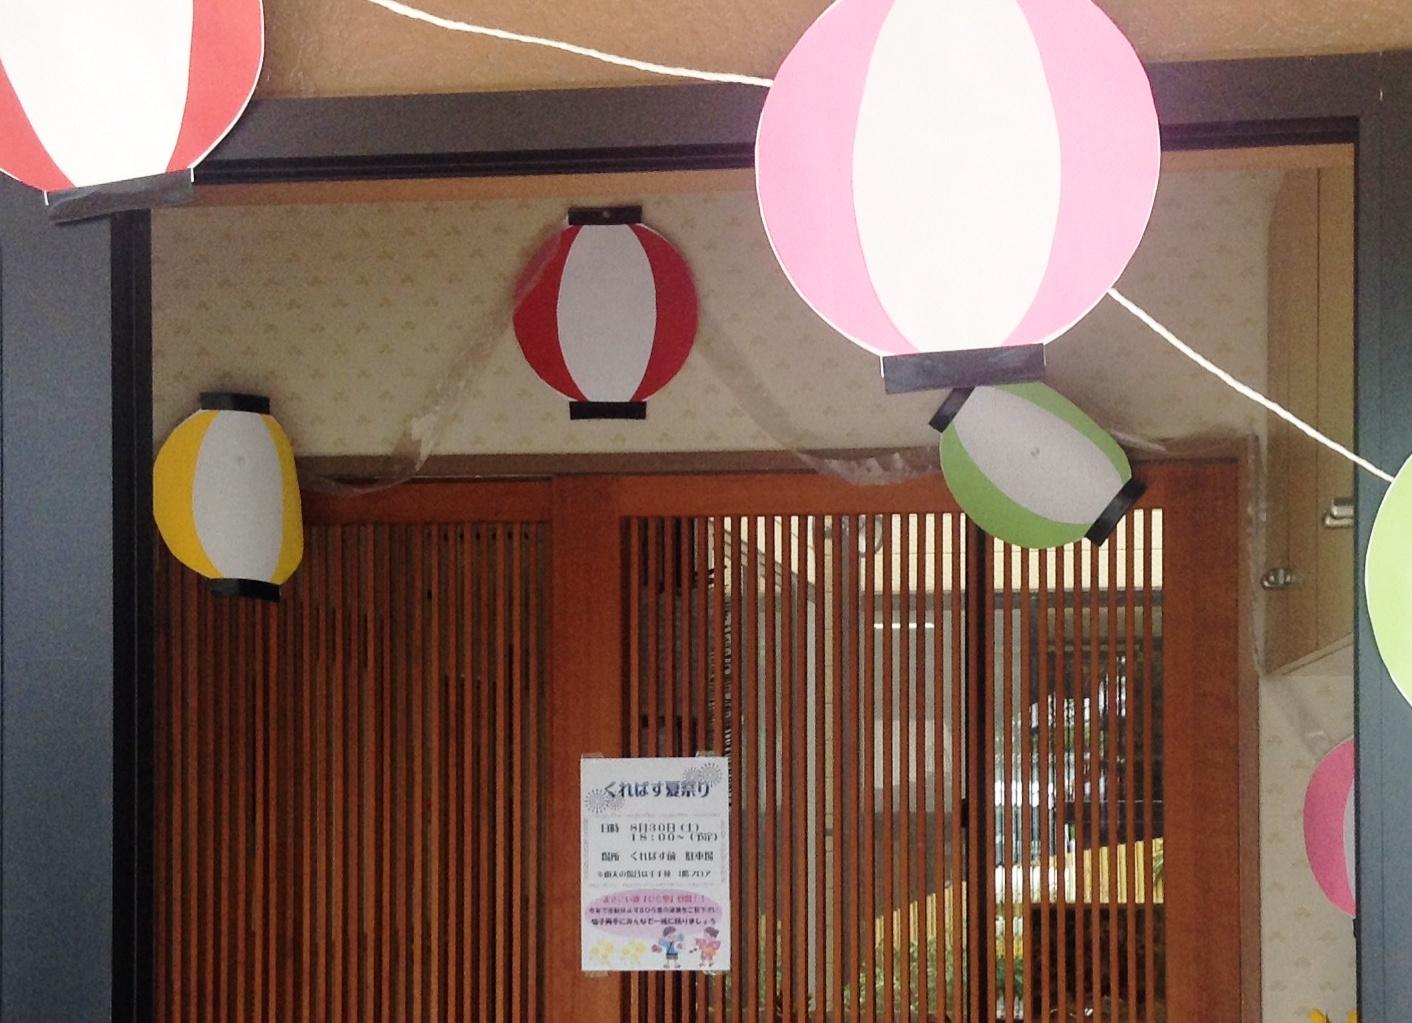 高齢者施設でのイベントが続きますヽ(^。^)ノ_d0136506_1622052.jpg